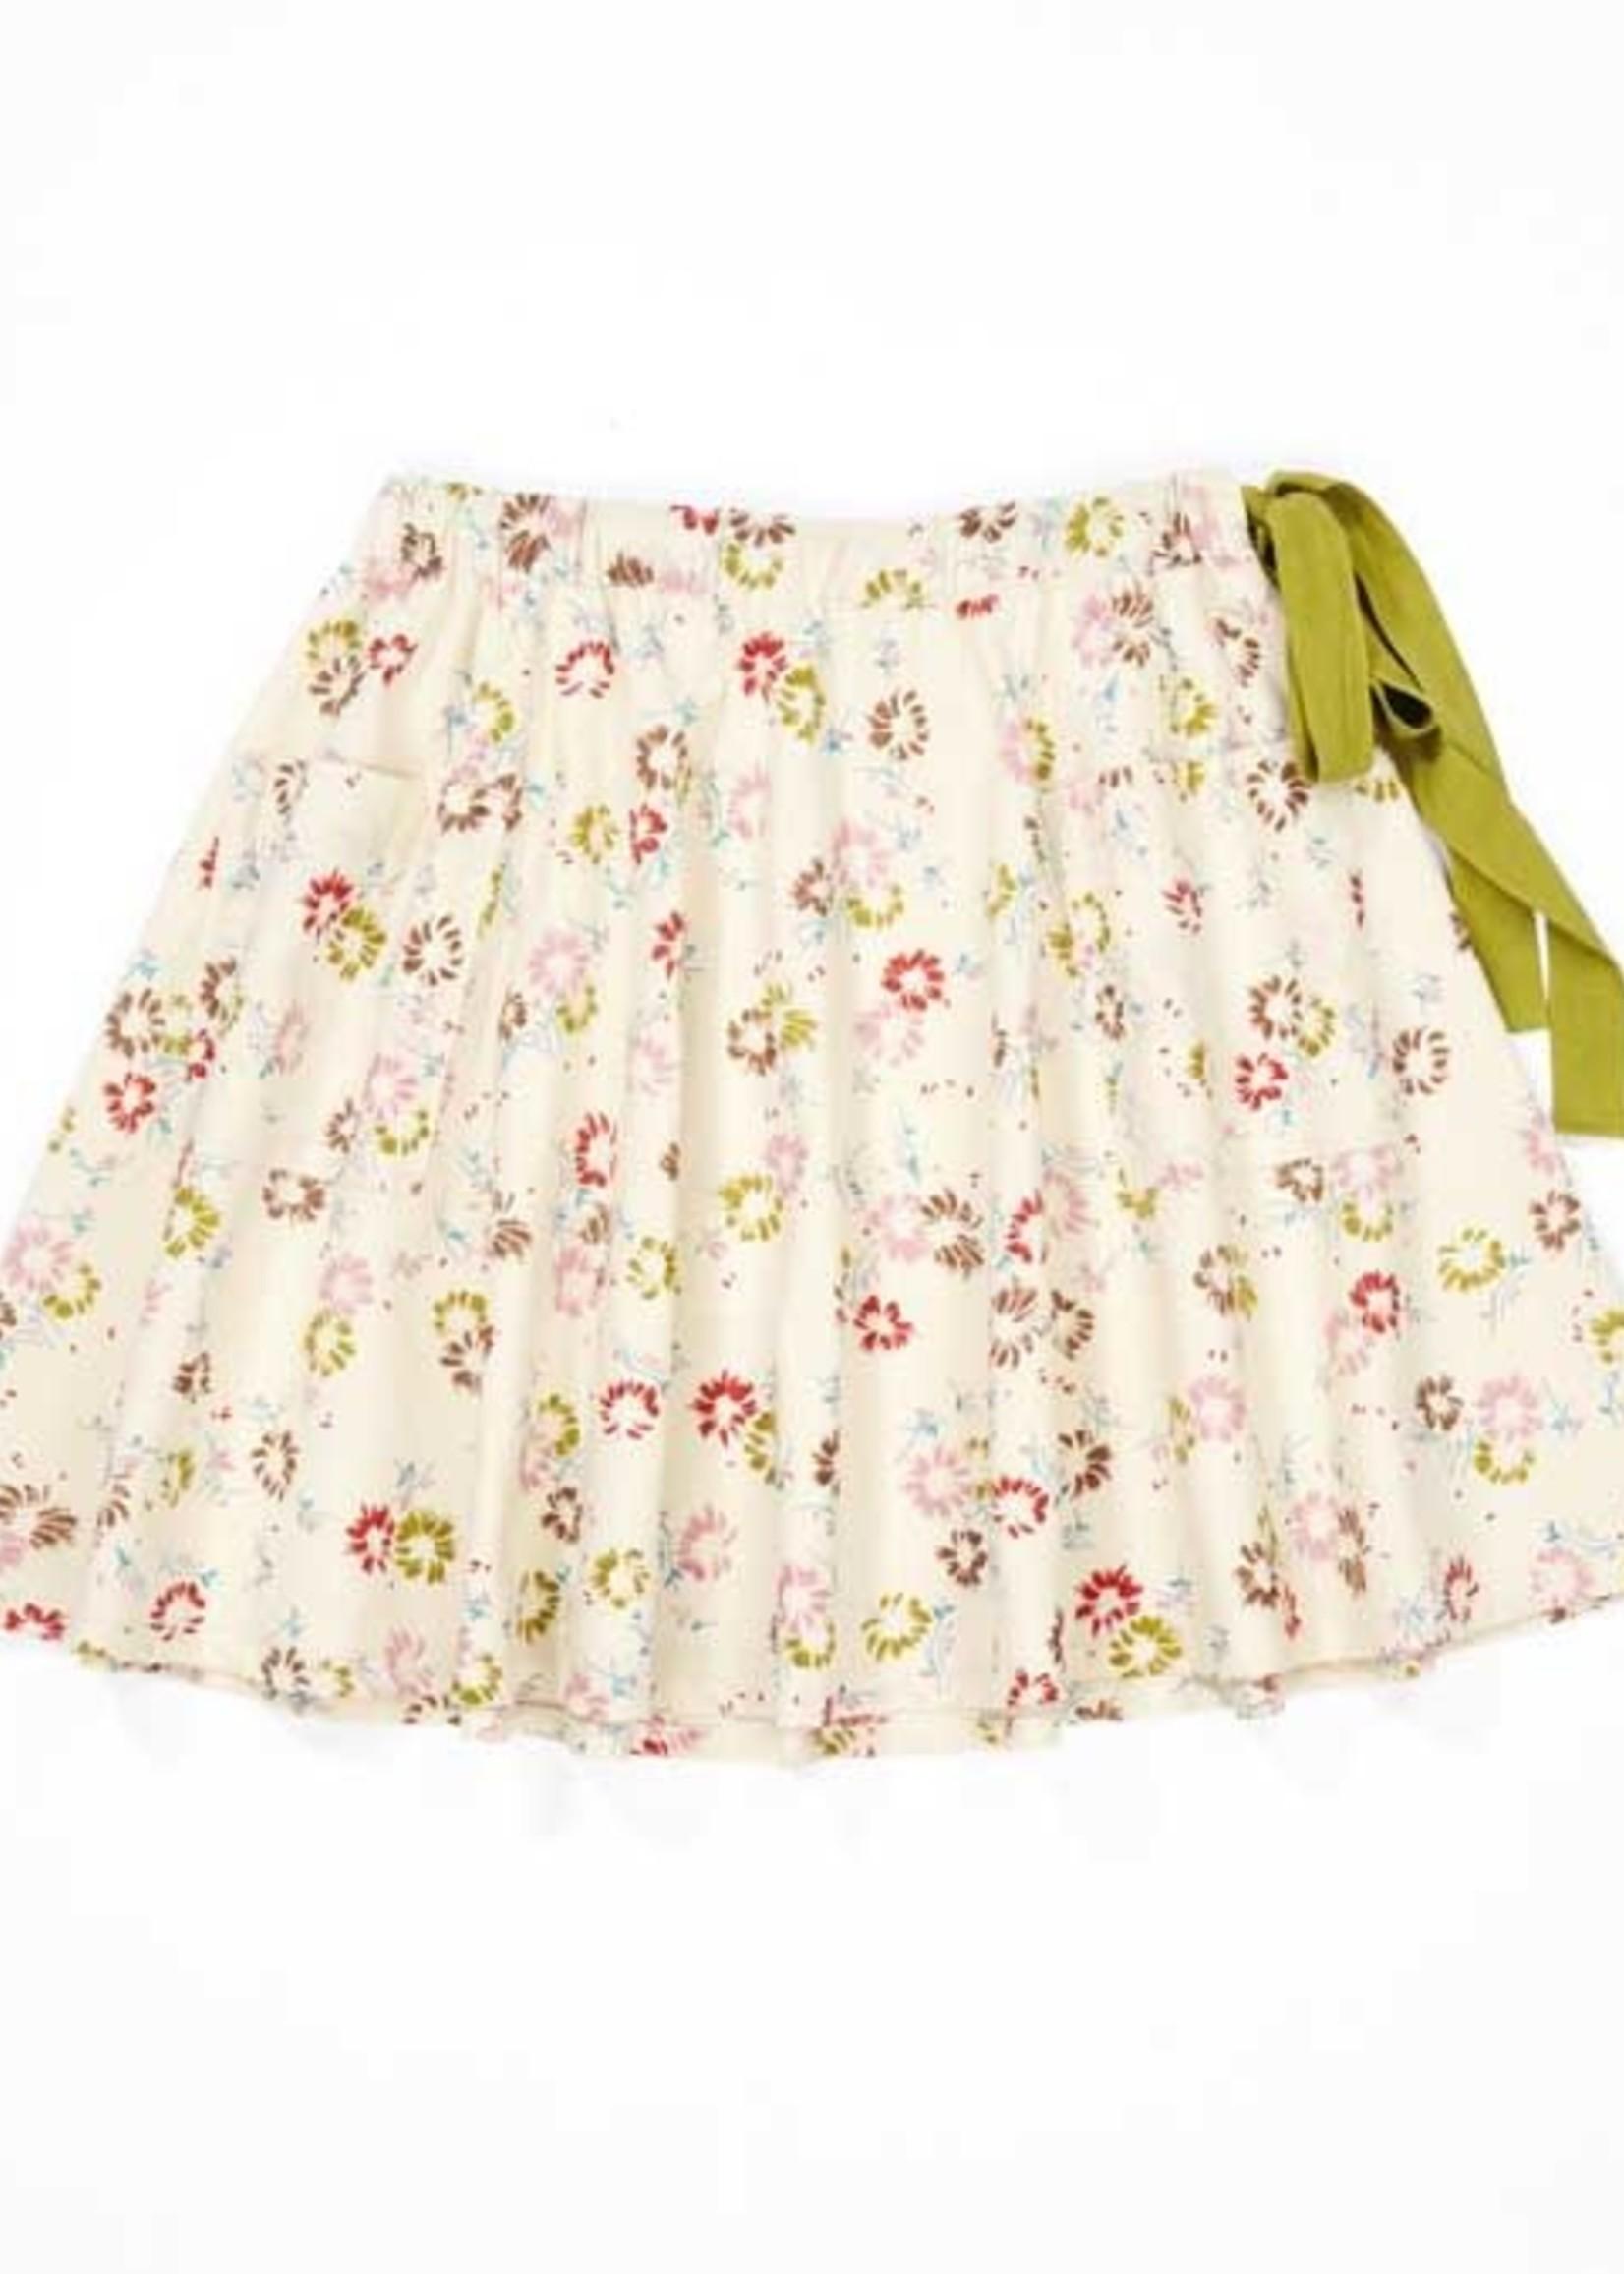 Caramel Caramel iris Skirt